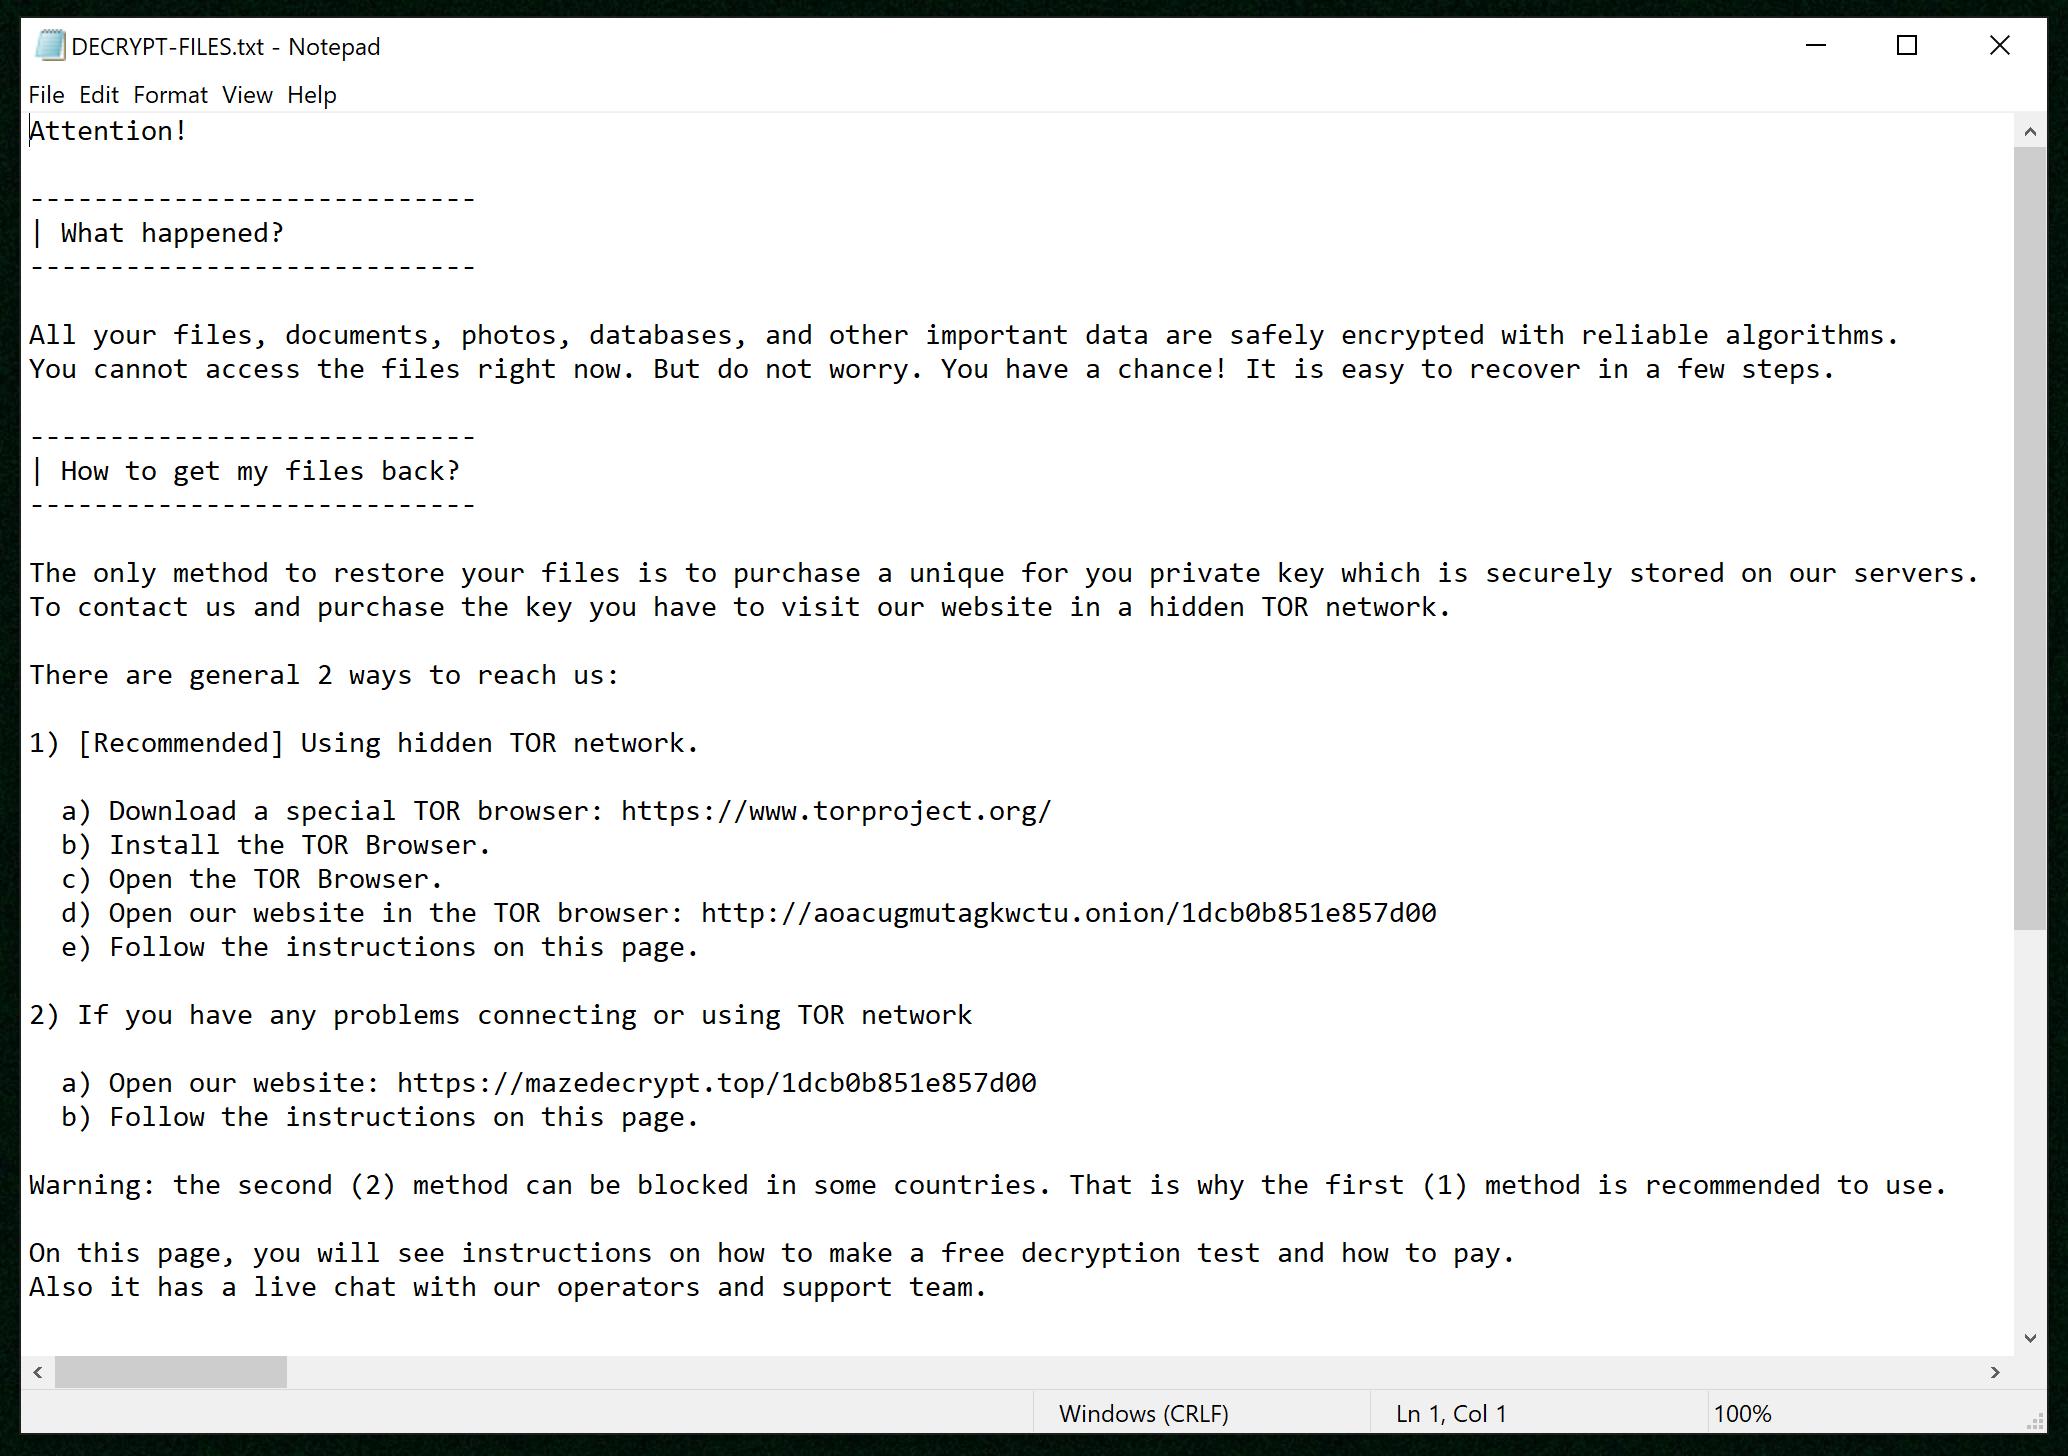 maze ransomware ransom demanding message